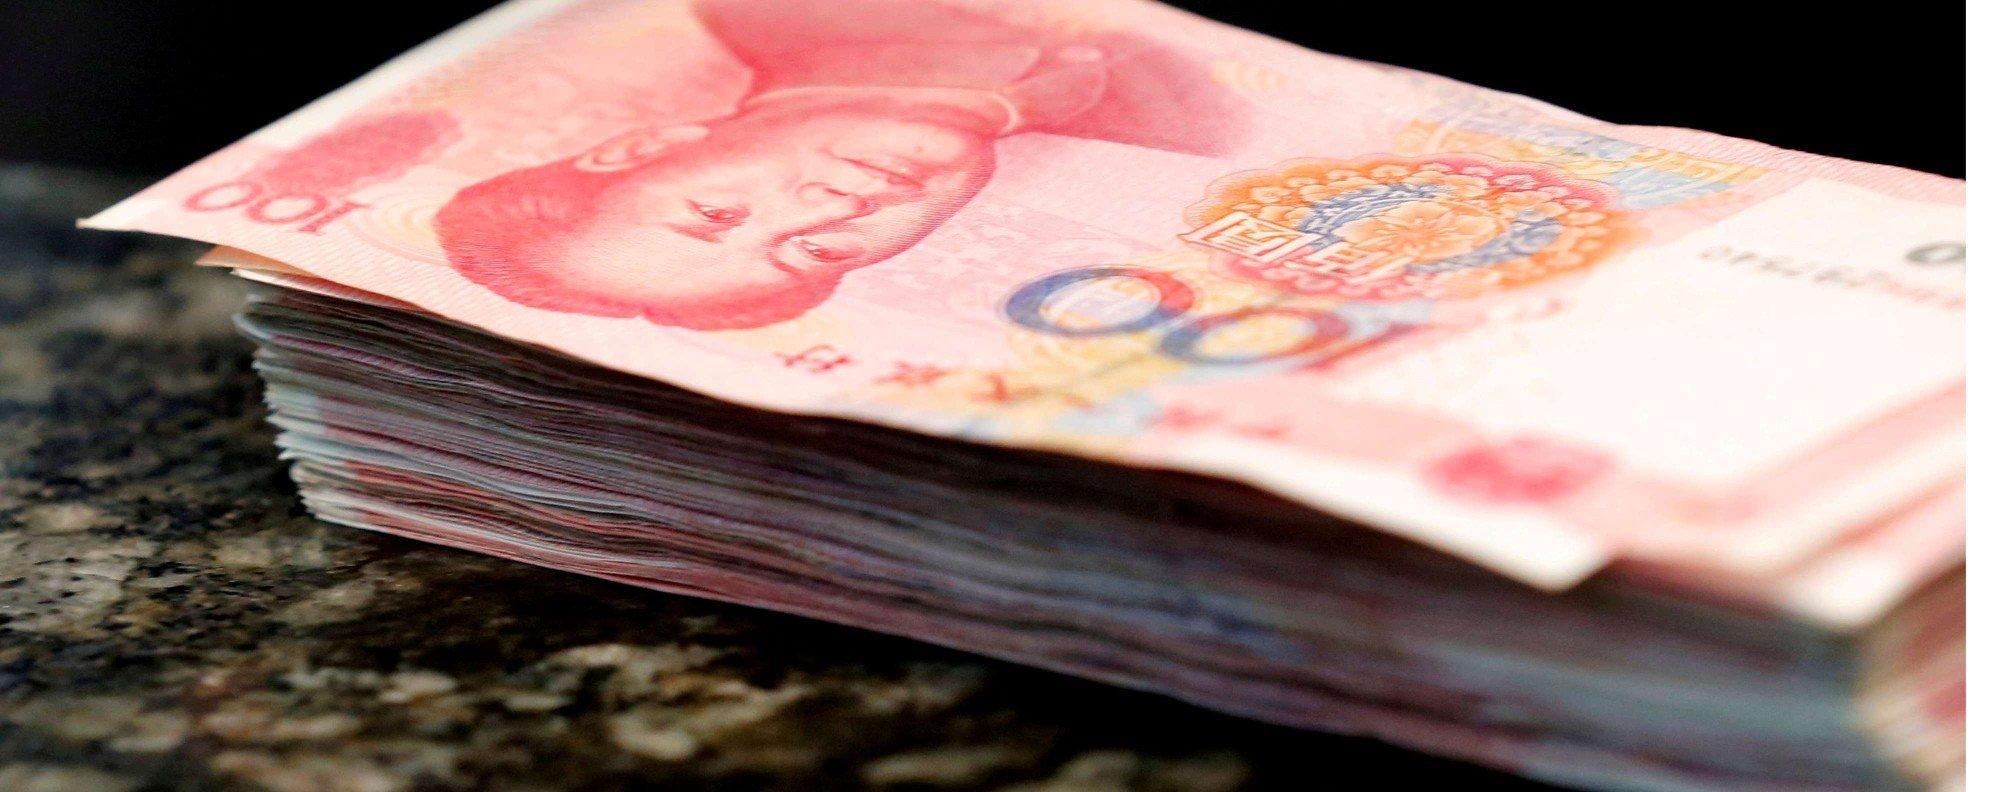 100 yuan banknotes. Photo: Reuters